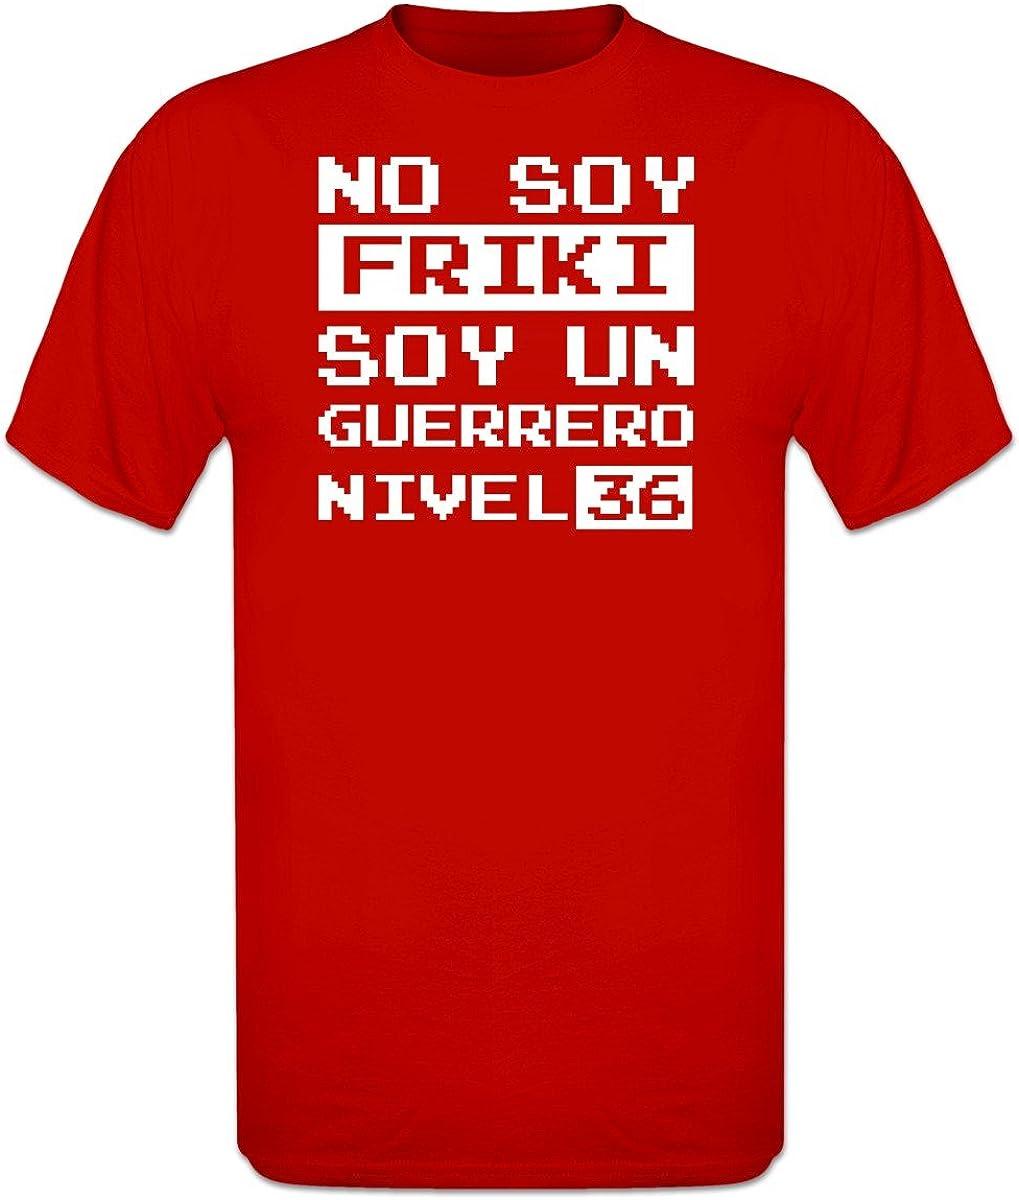 Shirtcity Camiseta No Soy Friki Soy un Guerrero Nivel 36 by: Amazon.es: Ropa y accesorios